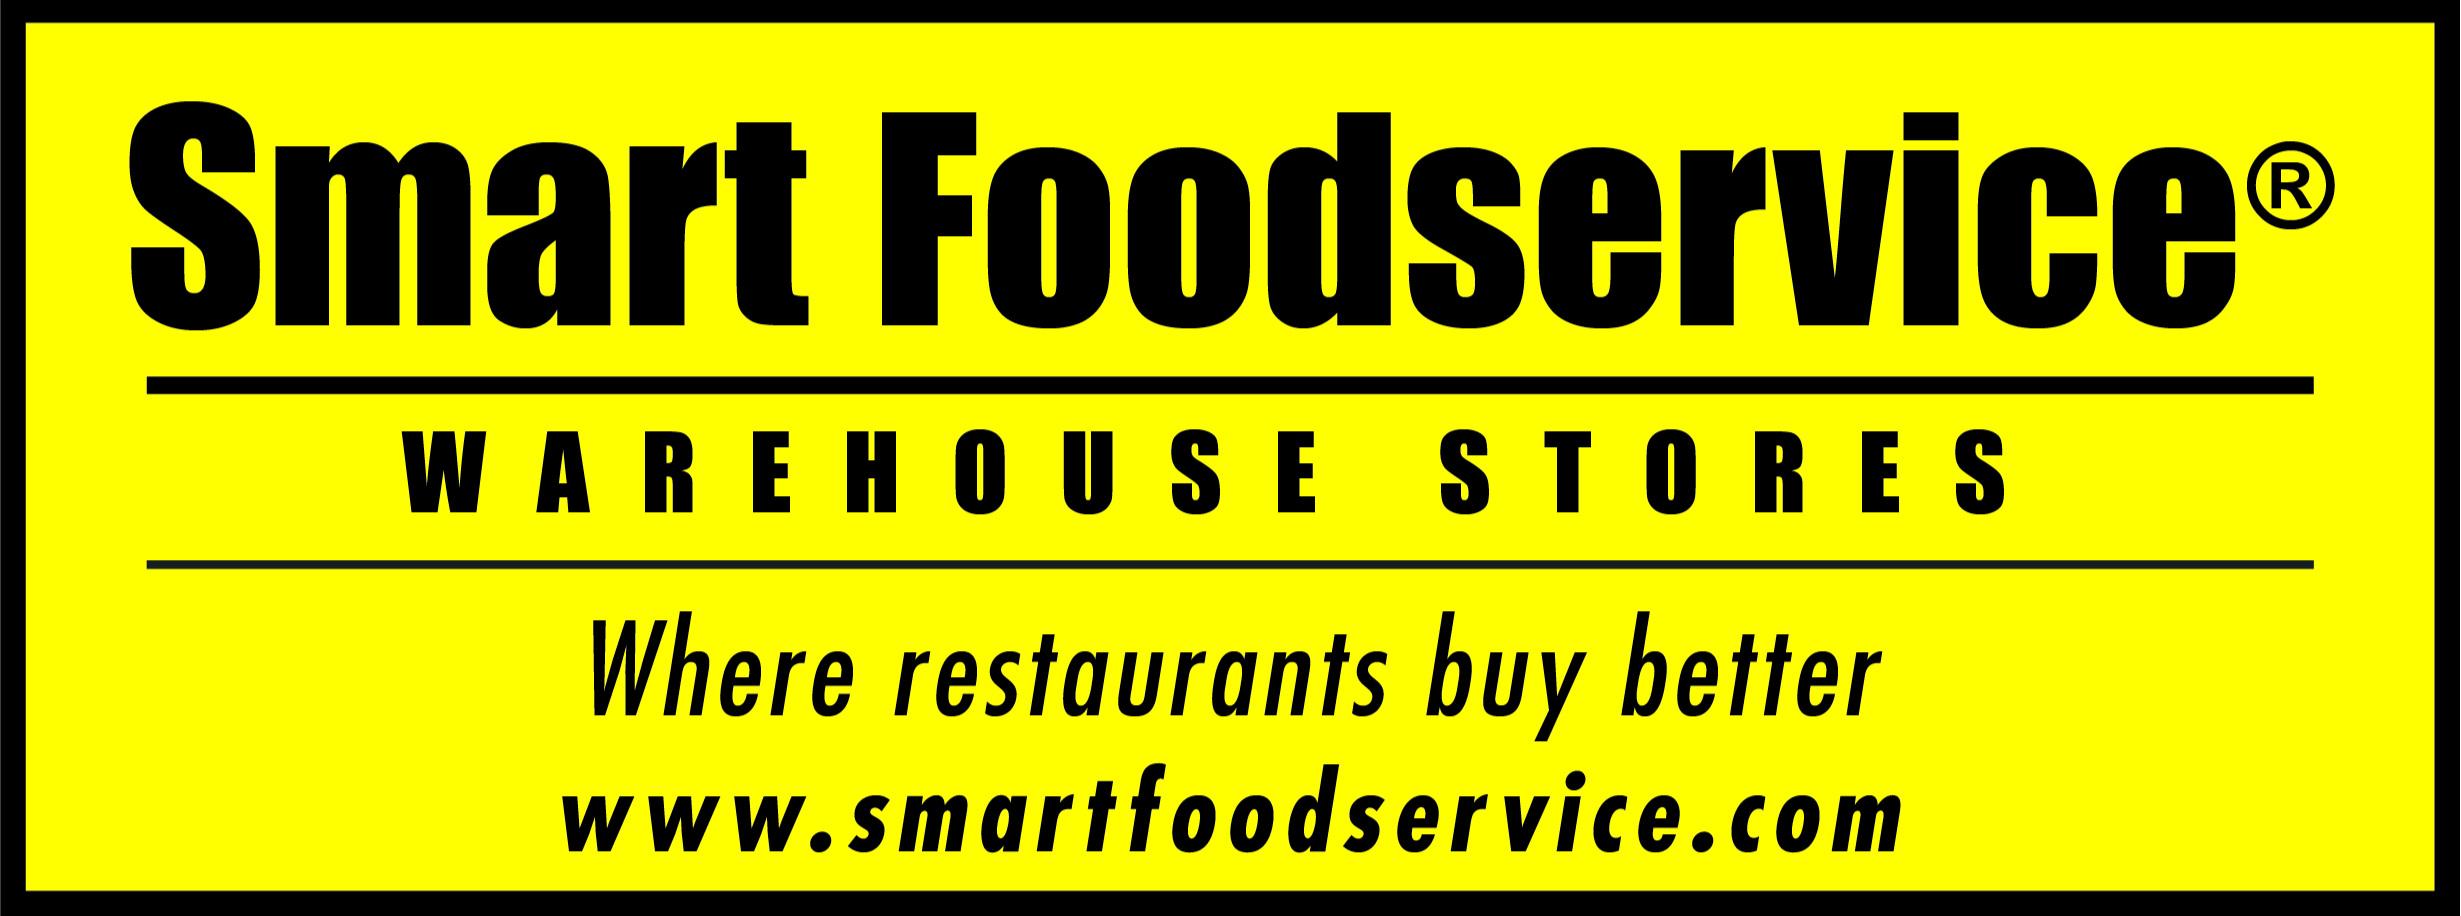 Smart+Foodservice+WRBB+www%281%29.jpg